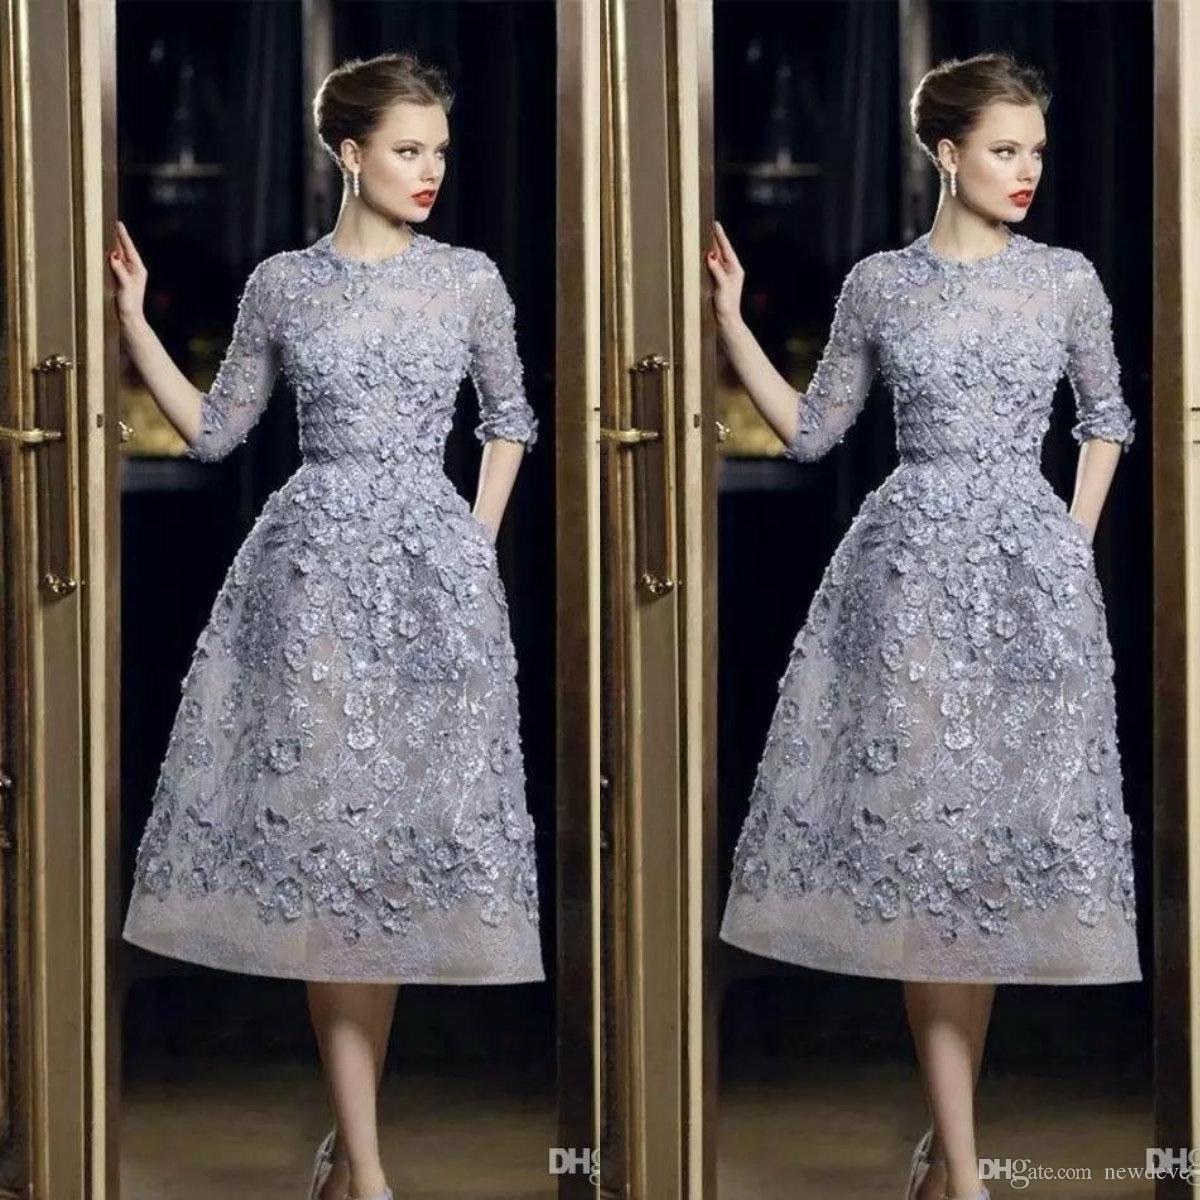 Elie Saab Abendkleider Elegante SpitzeApplique A-Line Abendkleider 3/4 Langarm-Tee-Längen-reizvolle formale Partei-Berühmtheit Kleid Customized